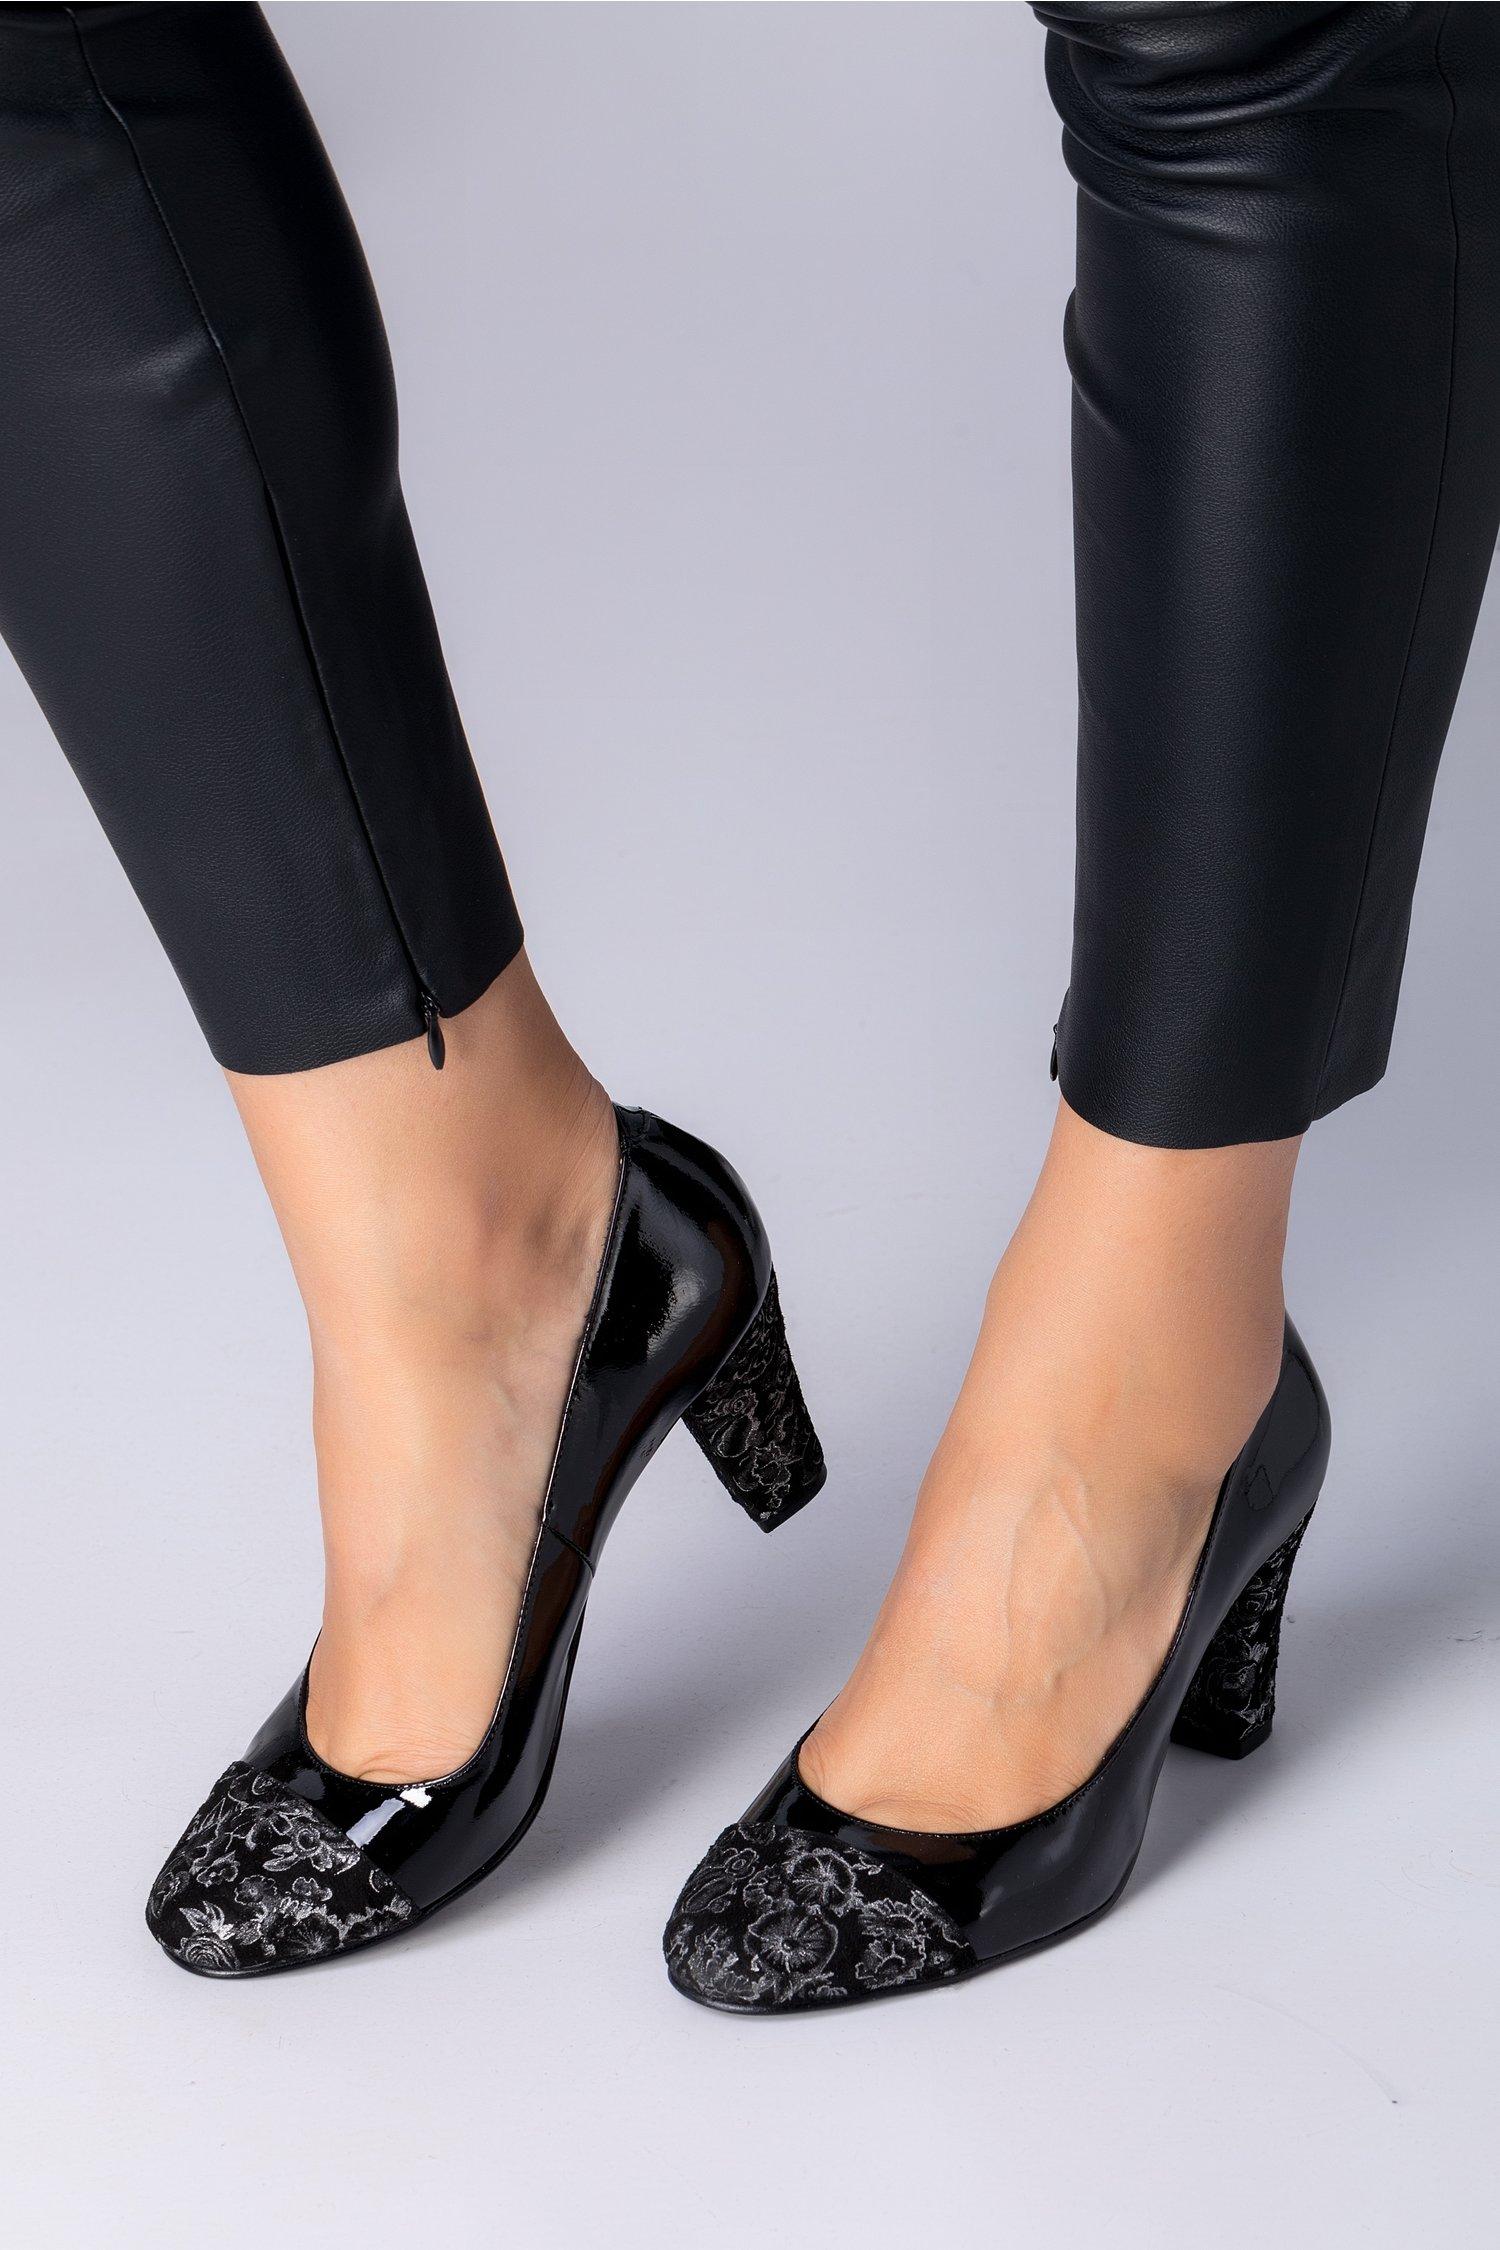 Pantofi dama lacuiti cu design floral argintiu